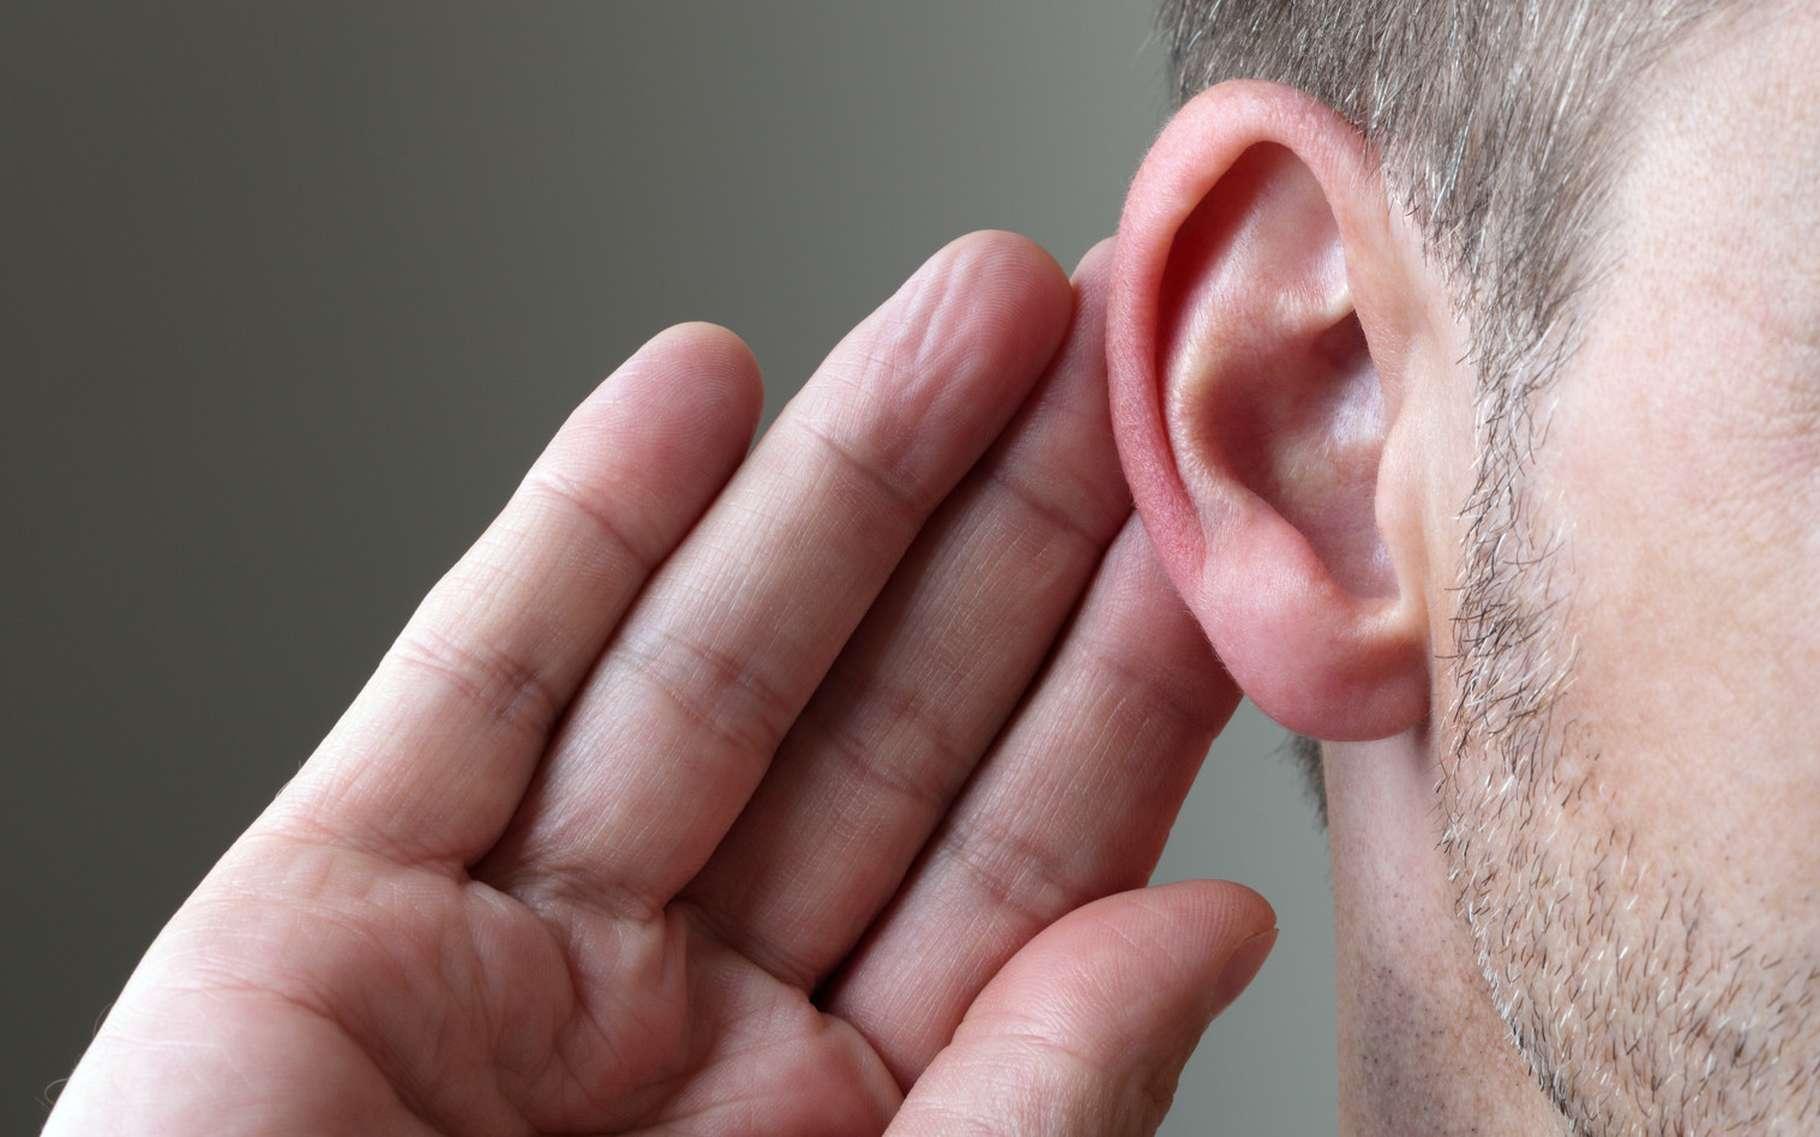 Pour préserver le plus longtemps possible votre audition, modérez aussi le son de votre baladeur. © Brian A Jackson, Shutterstock